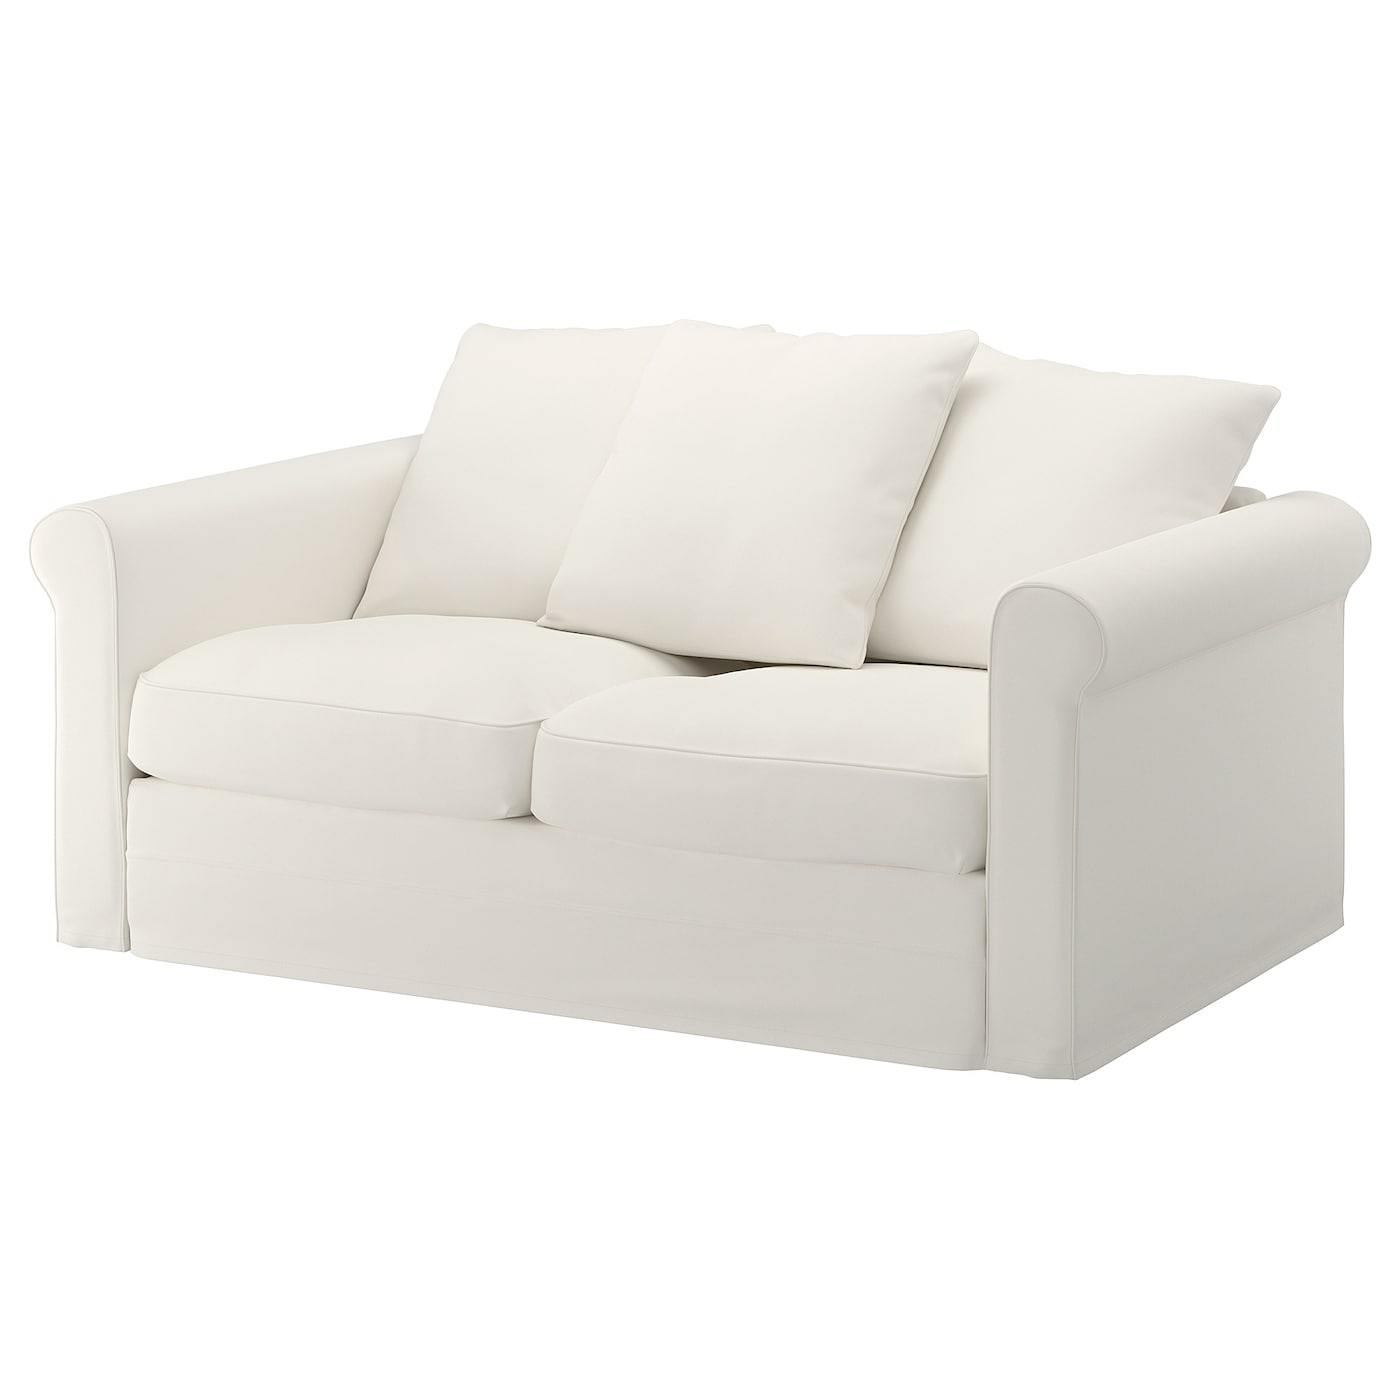 IKEA GRÖNLID biała sofa dwuosobowa